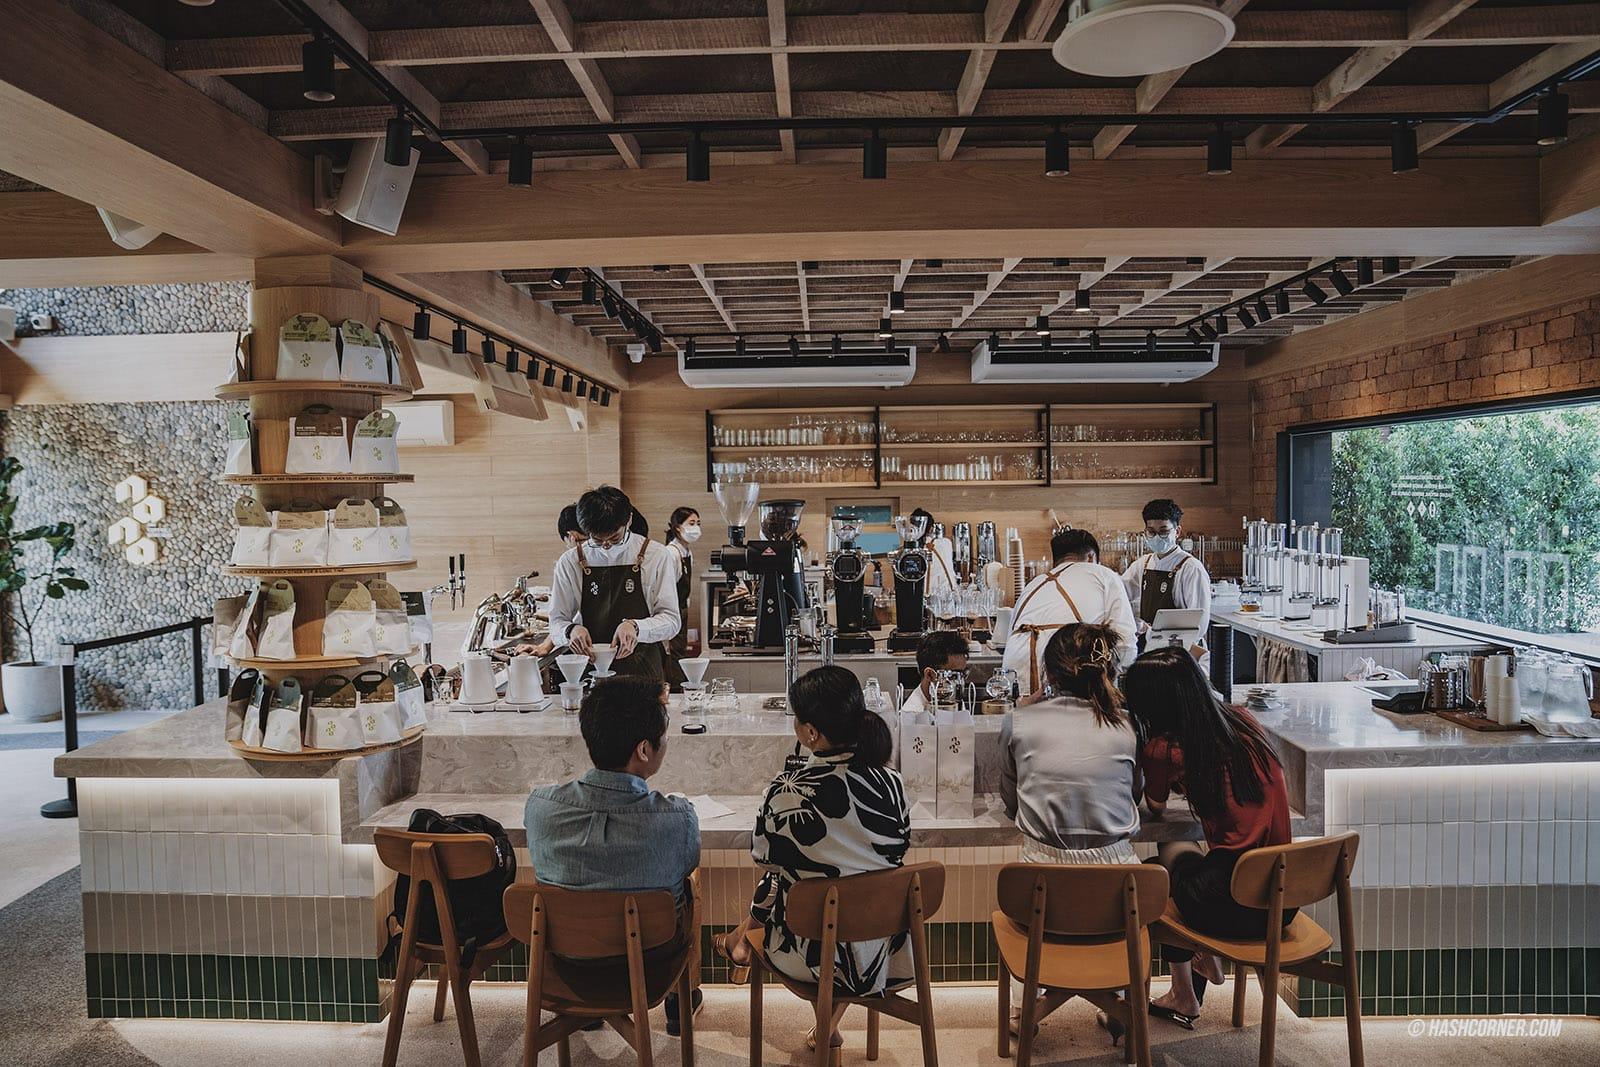 รีวิว อารีย์ x คาเฟ่ ร้านอาหาร และของกิน